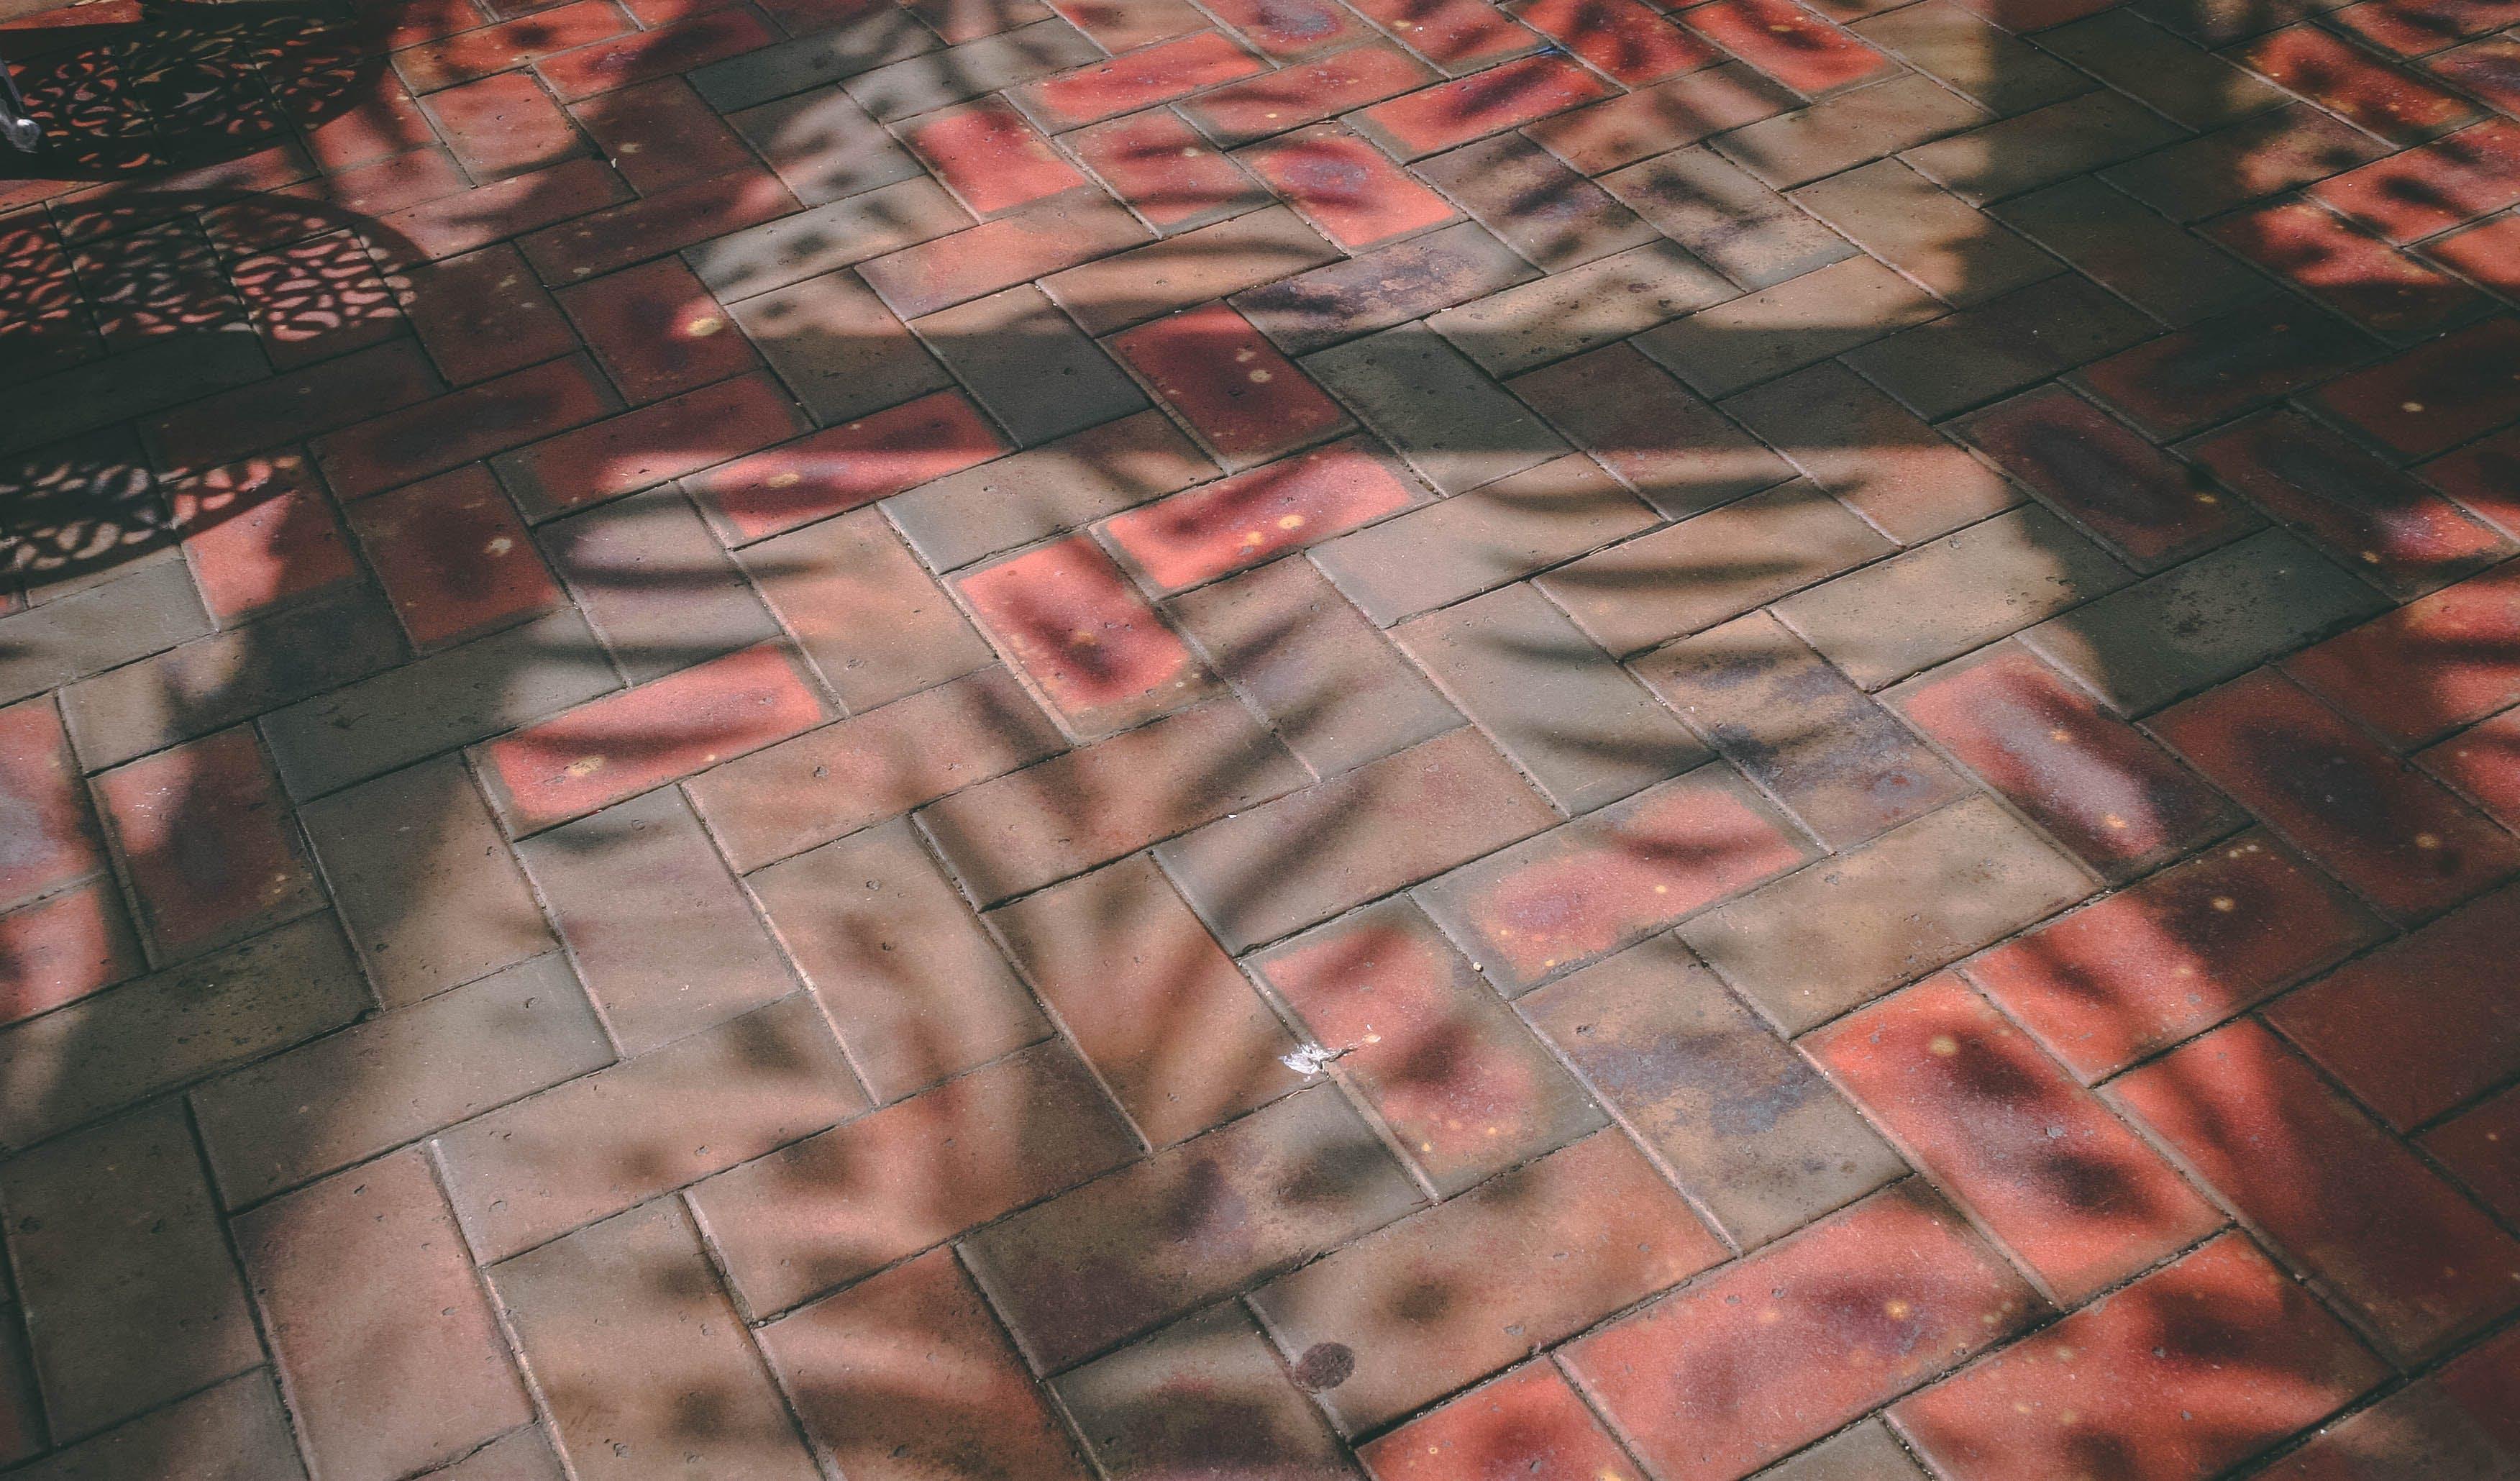 Brown and Gray Tiles